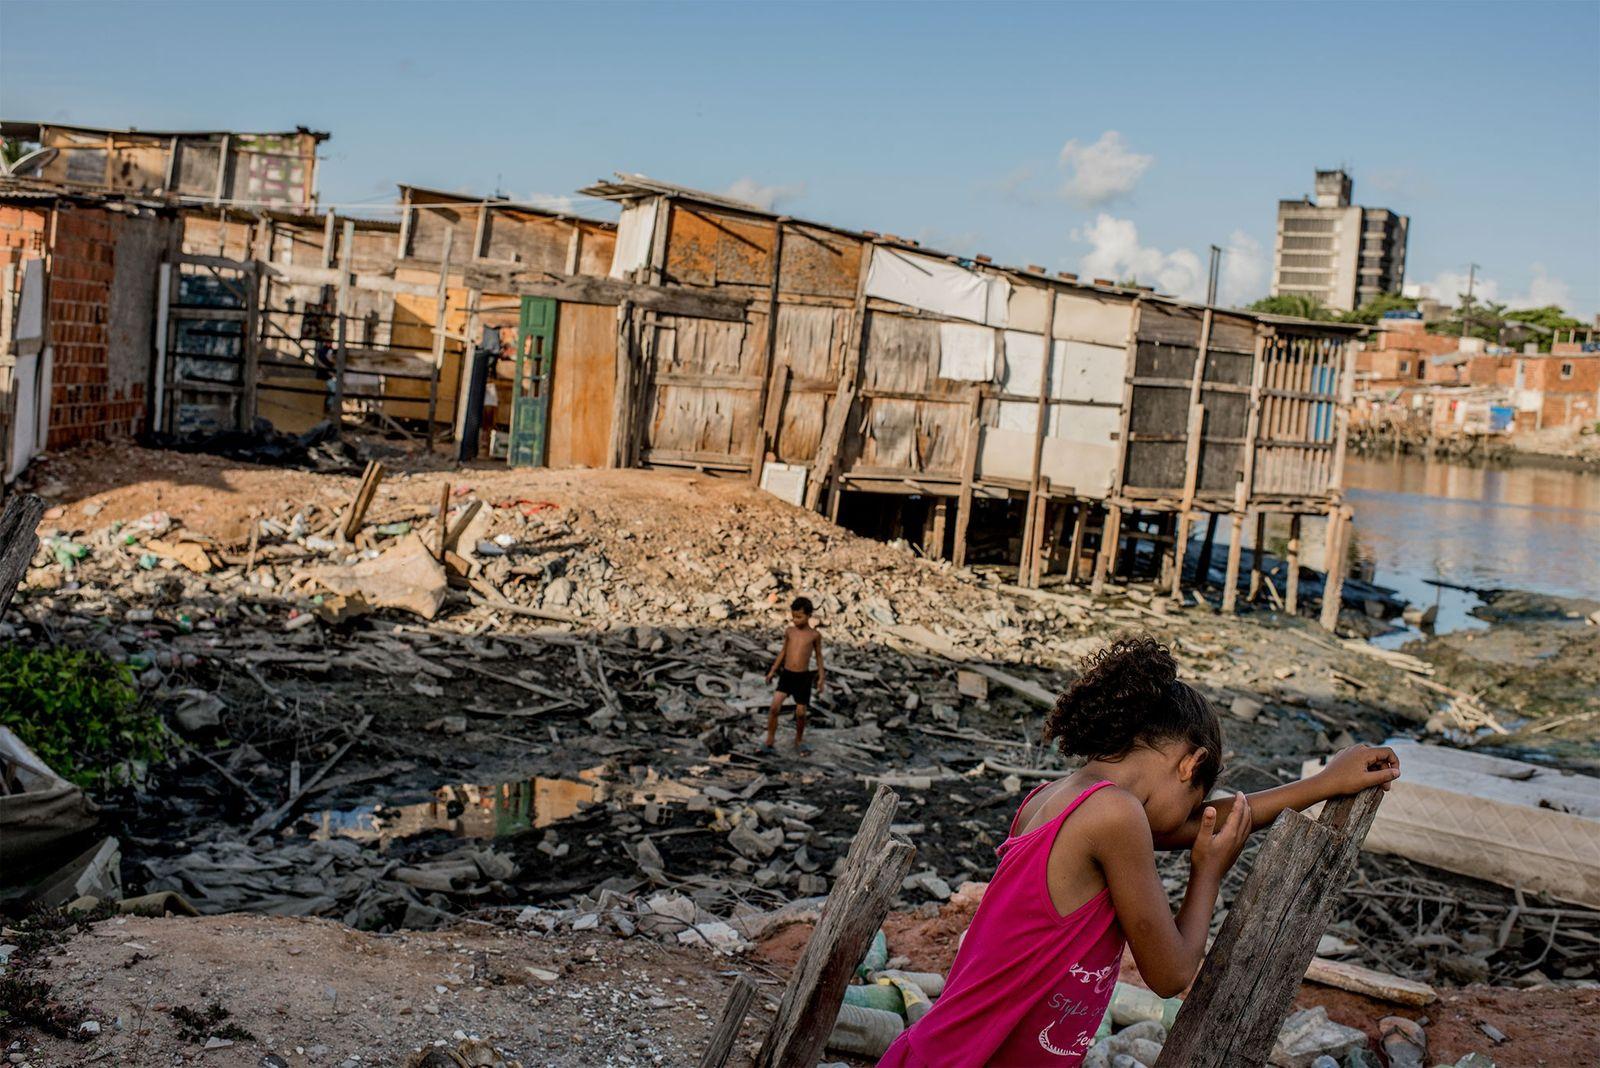 Crianças a brincarem no bairro Coelho